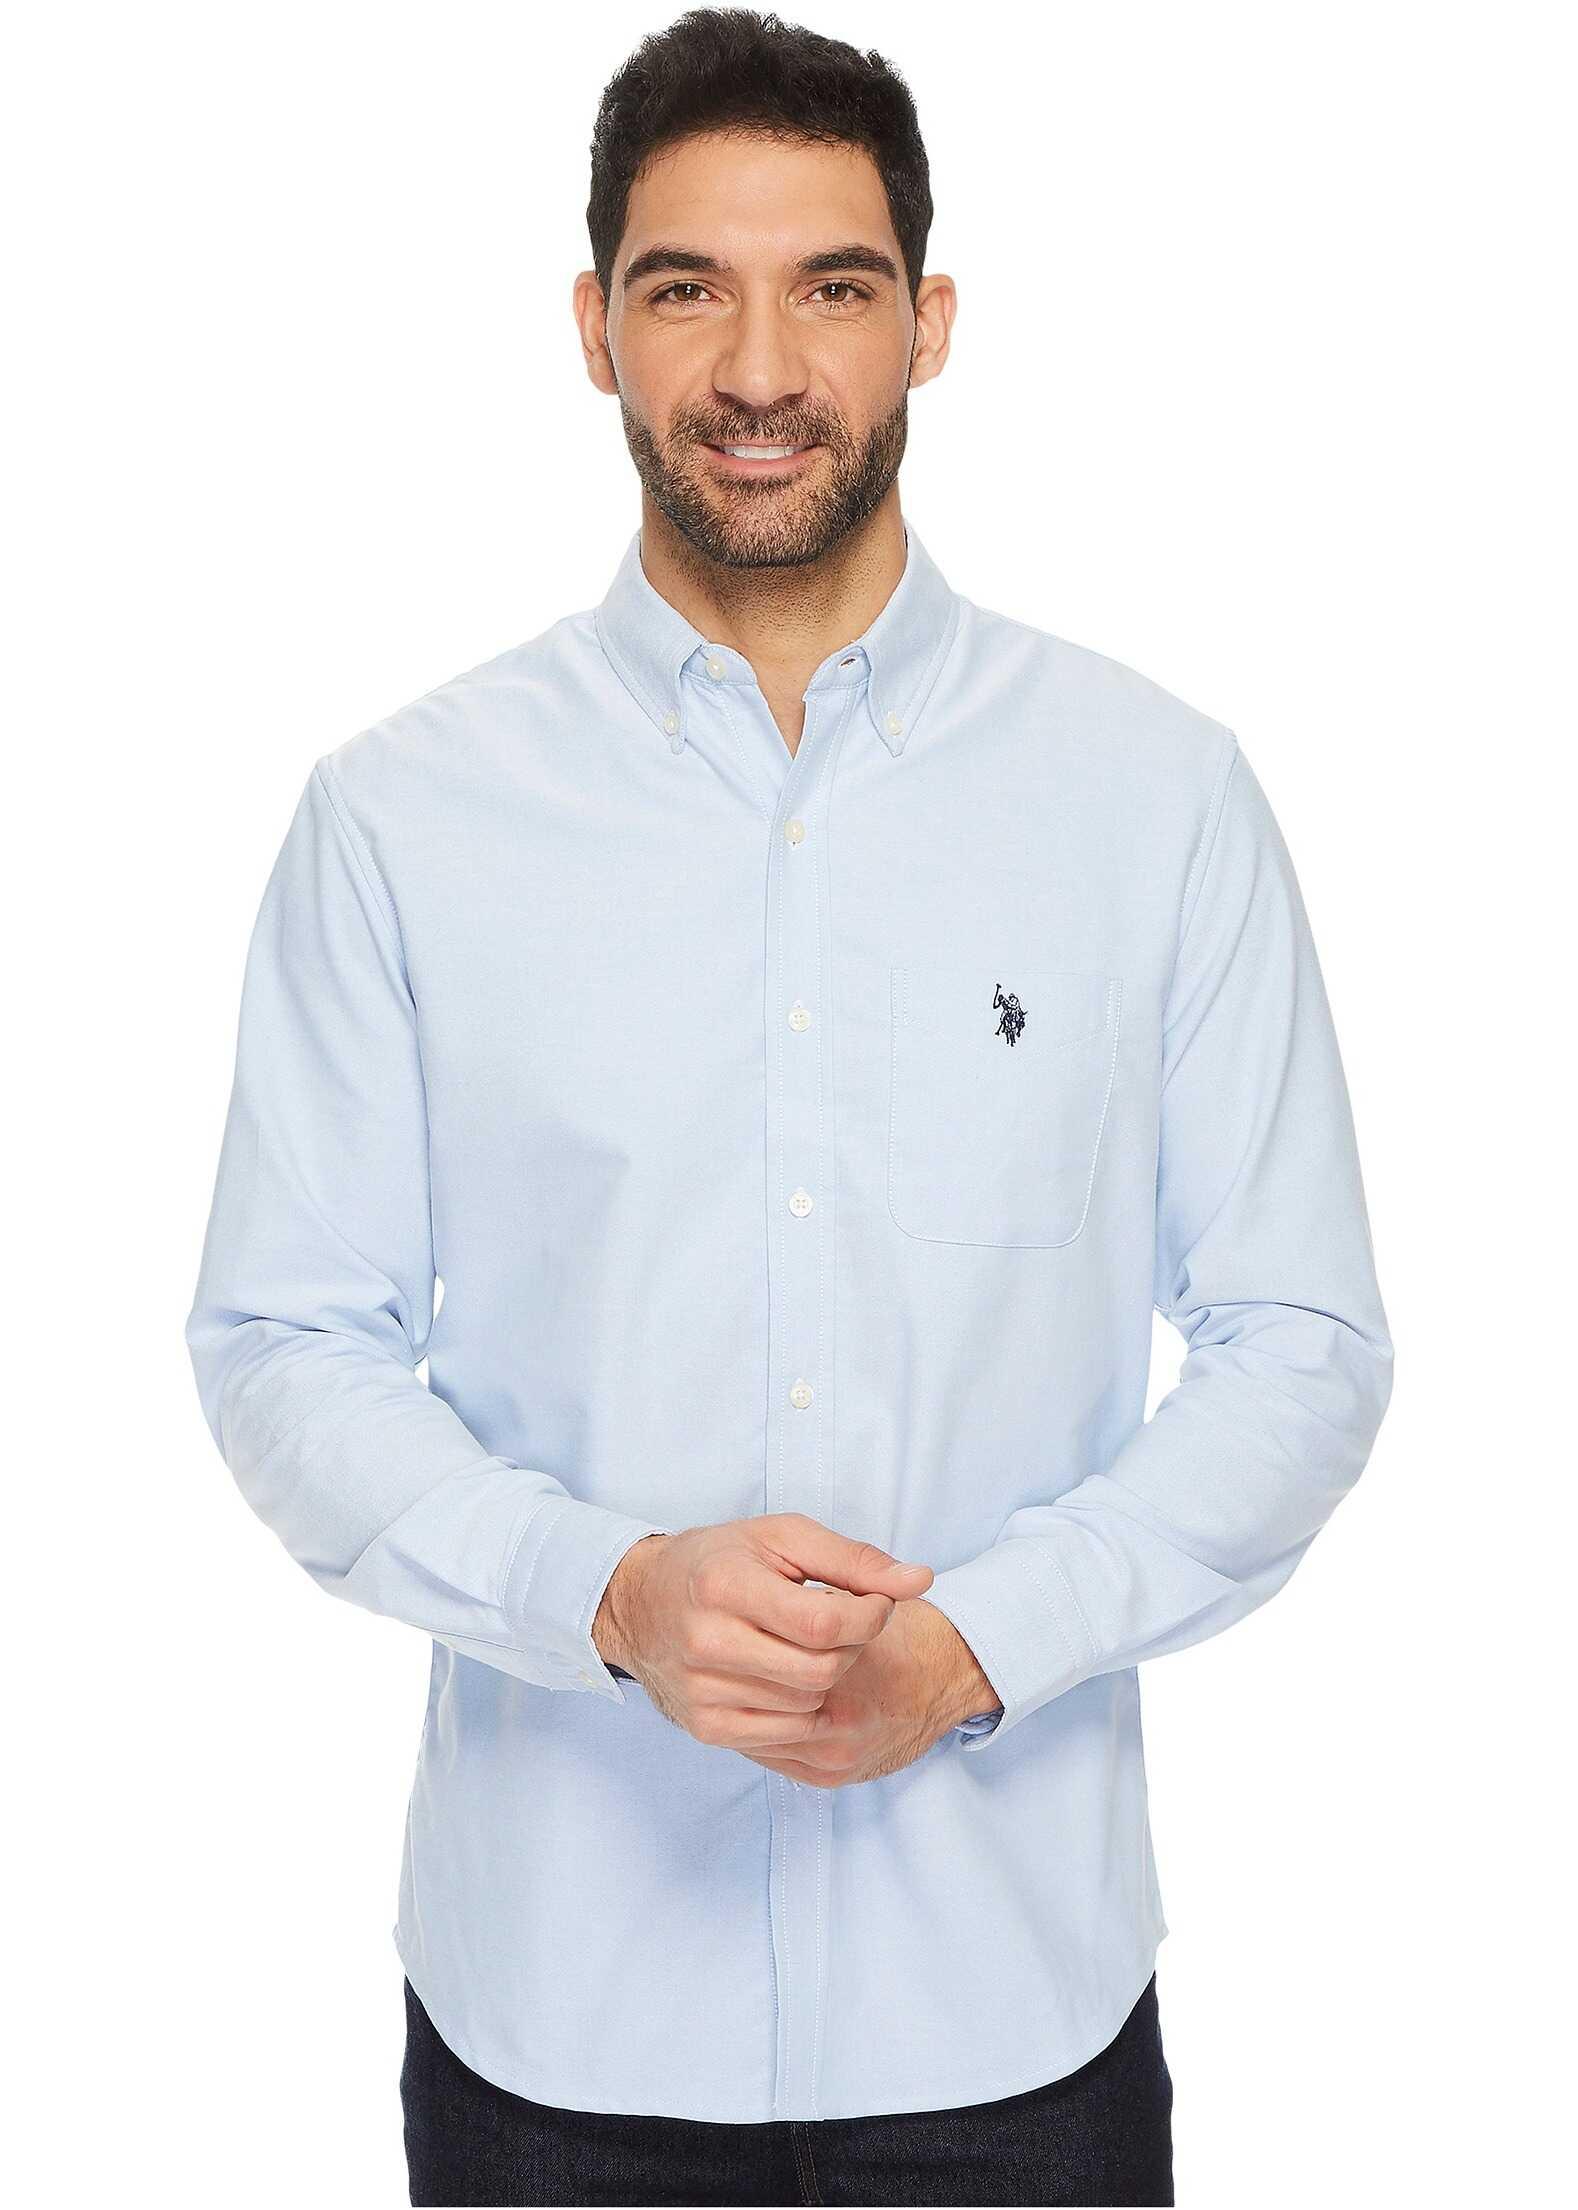 U.S. POLO ASSN. Classic Fit Long Sleeve Sport Shirt Light Blue